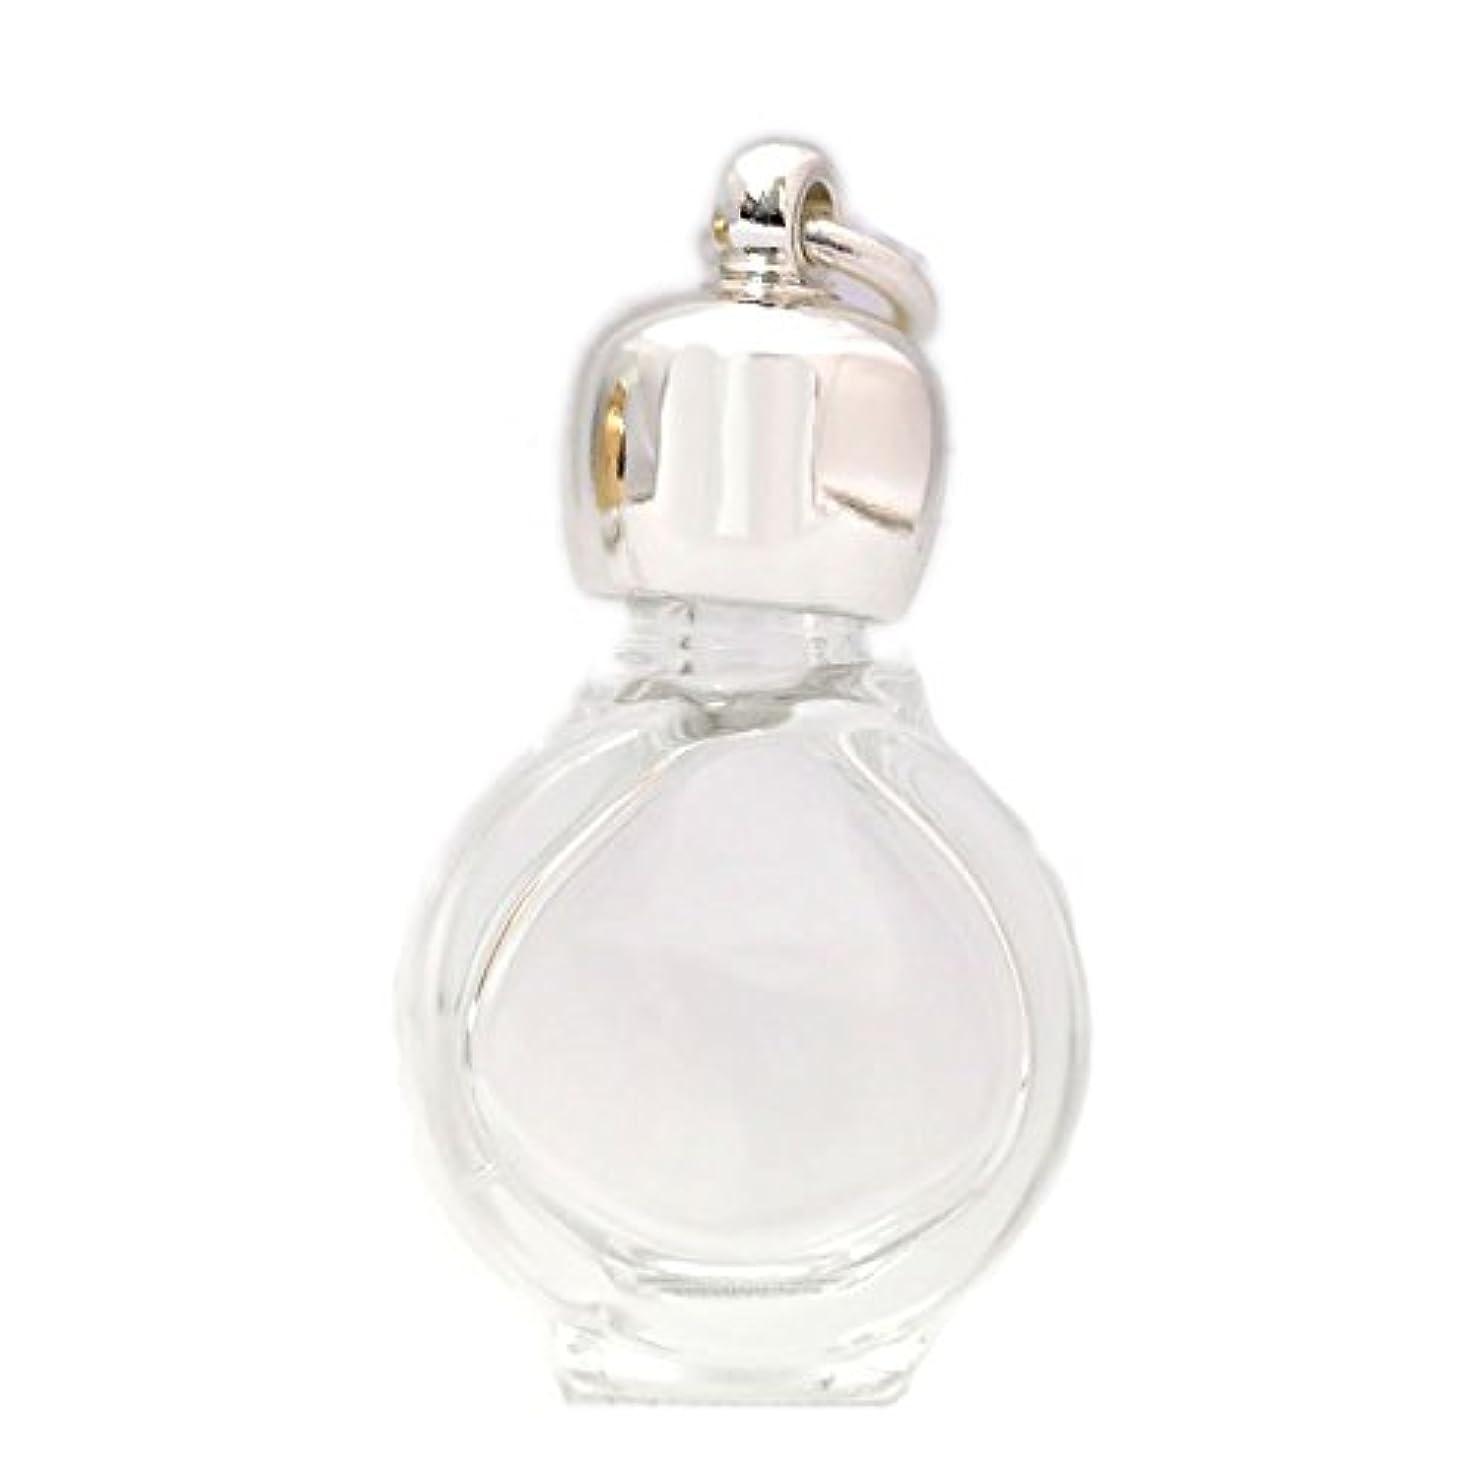 悪用終わりカロリーミニ香水瓶 アロマペンダントトップ タイコスキ(透明)1ml?シルバー?穴あきキャップ、パッキン付属